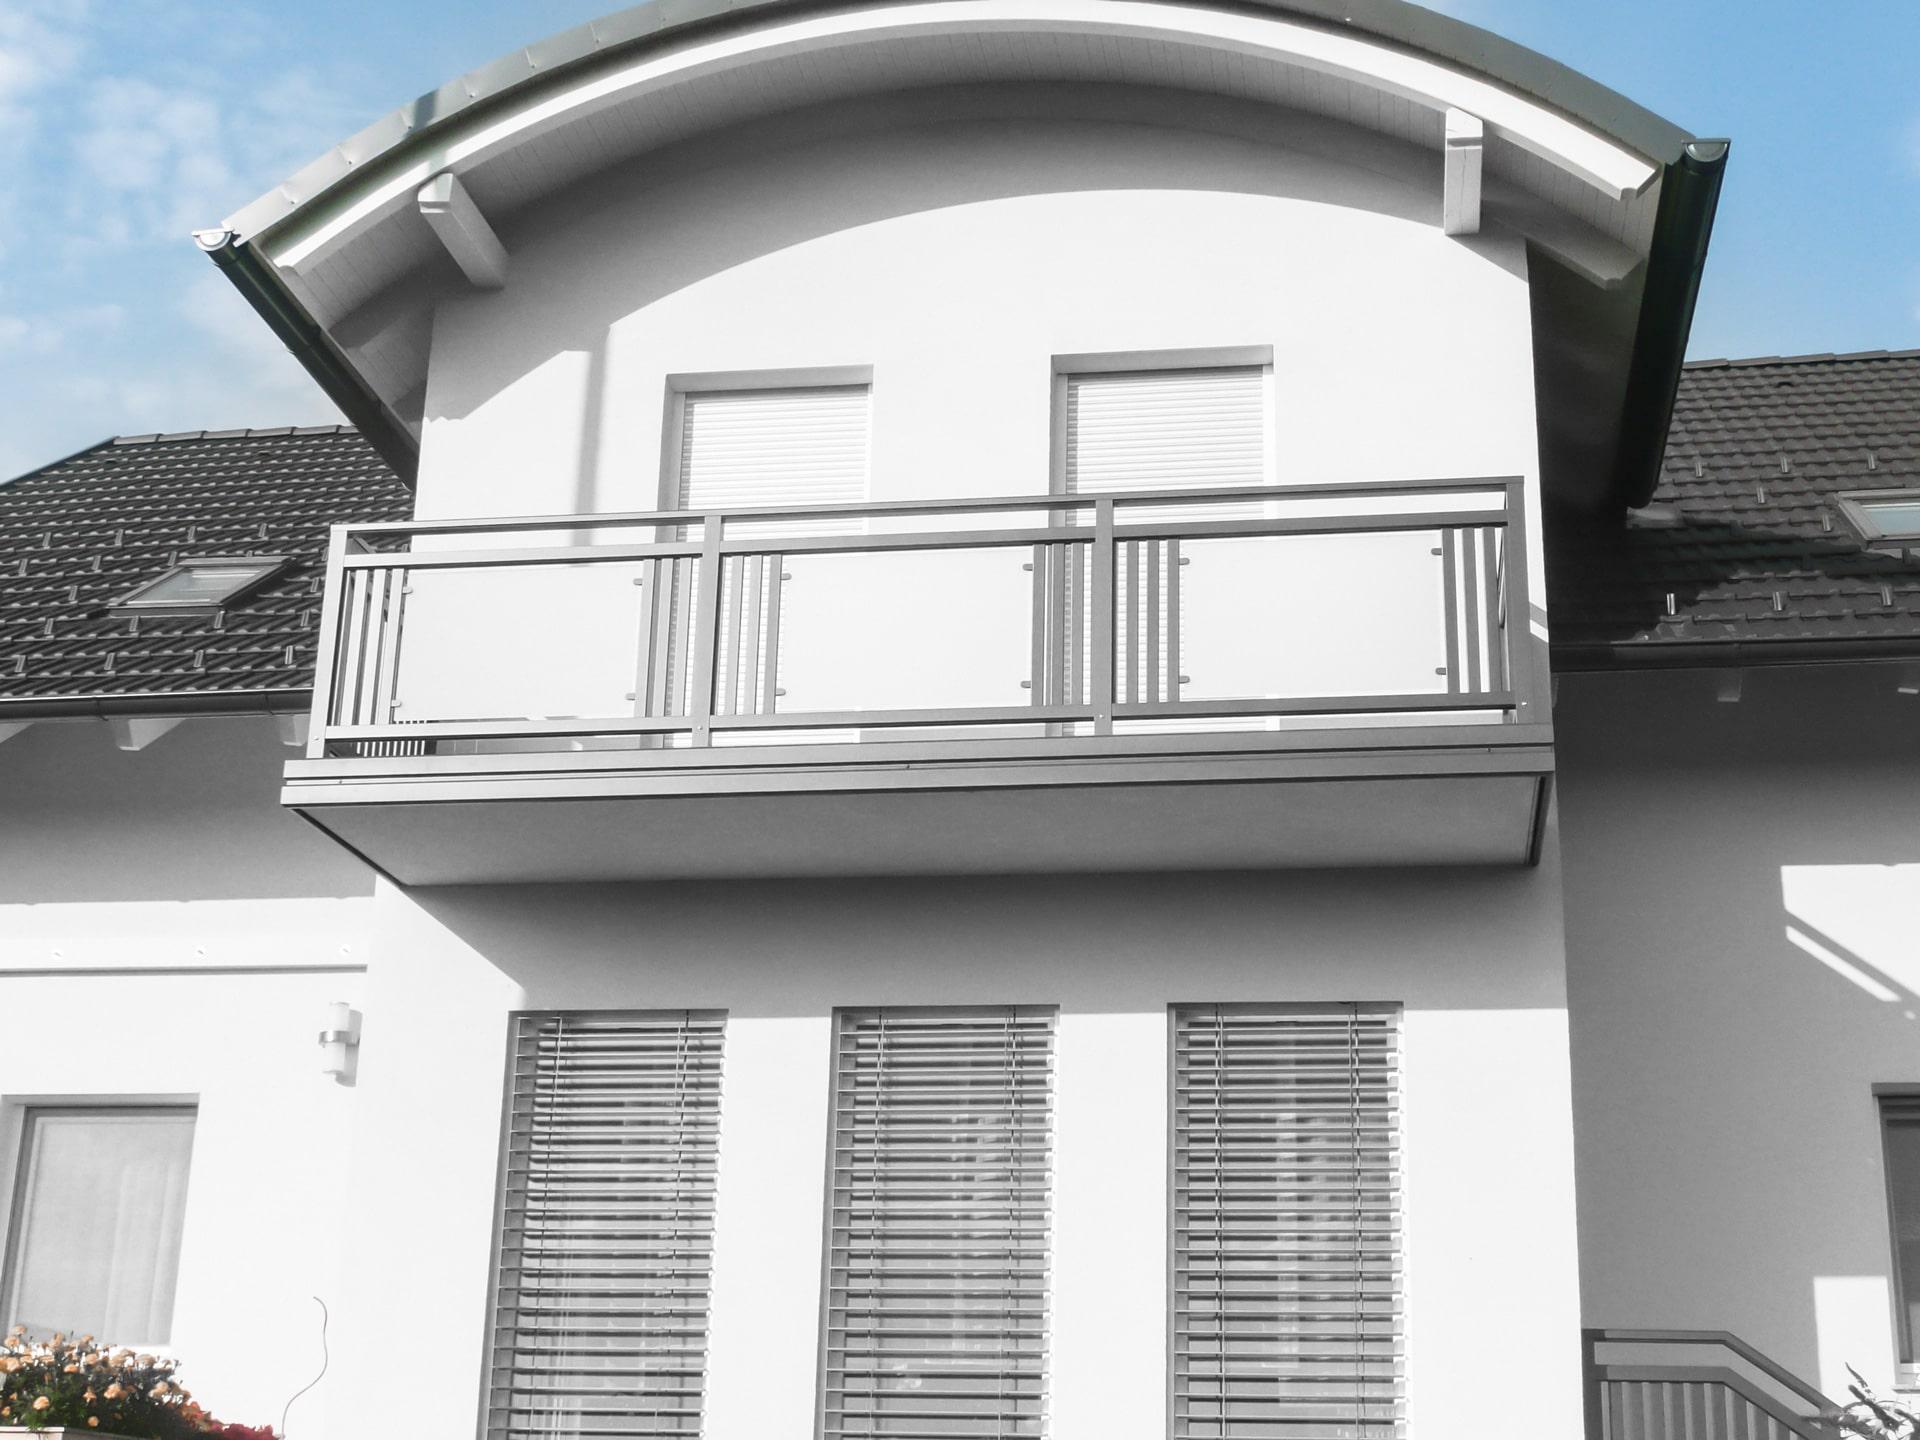 Leoben 12 a | grauer Balkon mit senkrechten Alu-Latten und Glas Scheibe, mit Verblendung | Svoboda